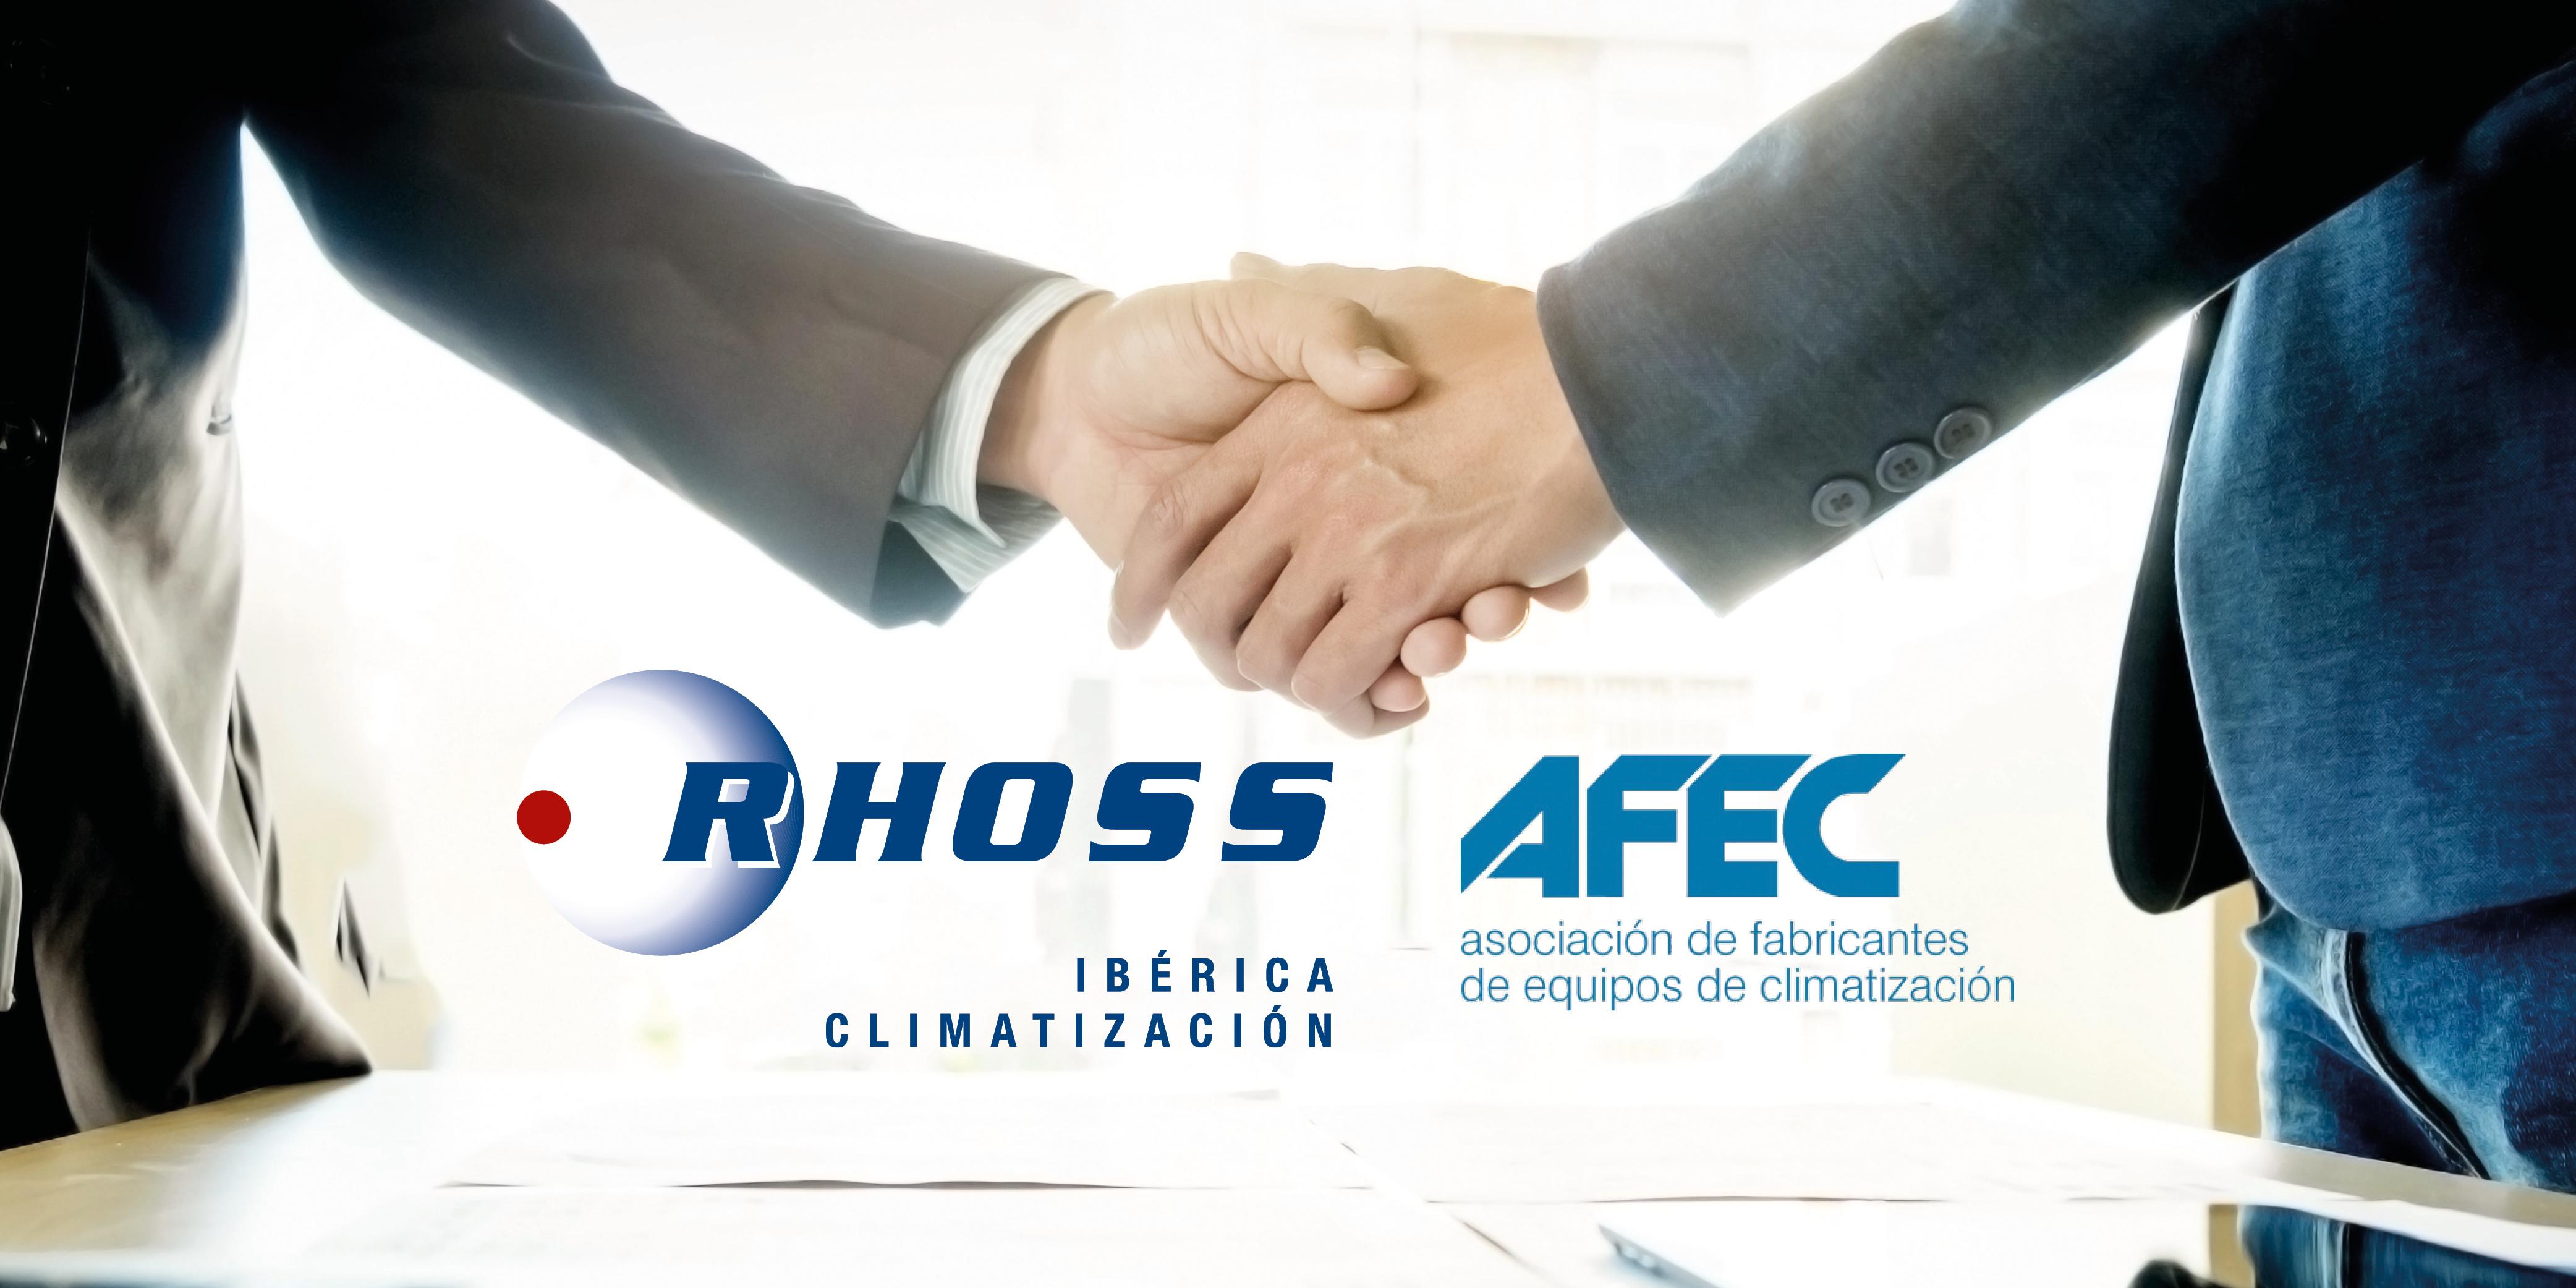 RHOSS IBÉRICA CLIMATIZACION MEMBER OF AFEC